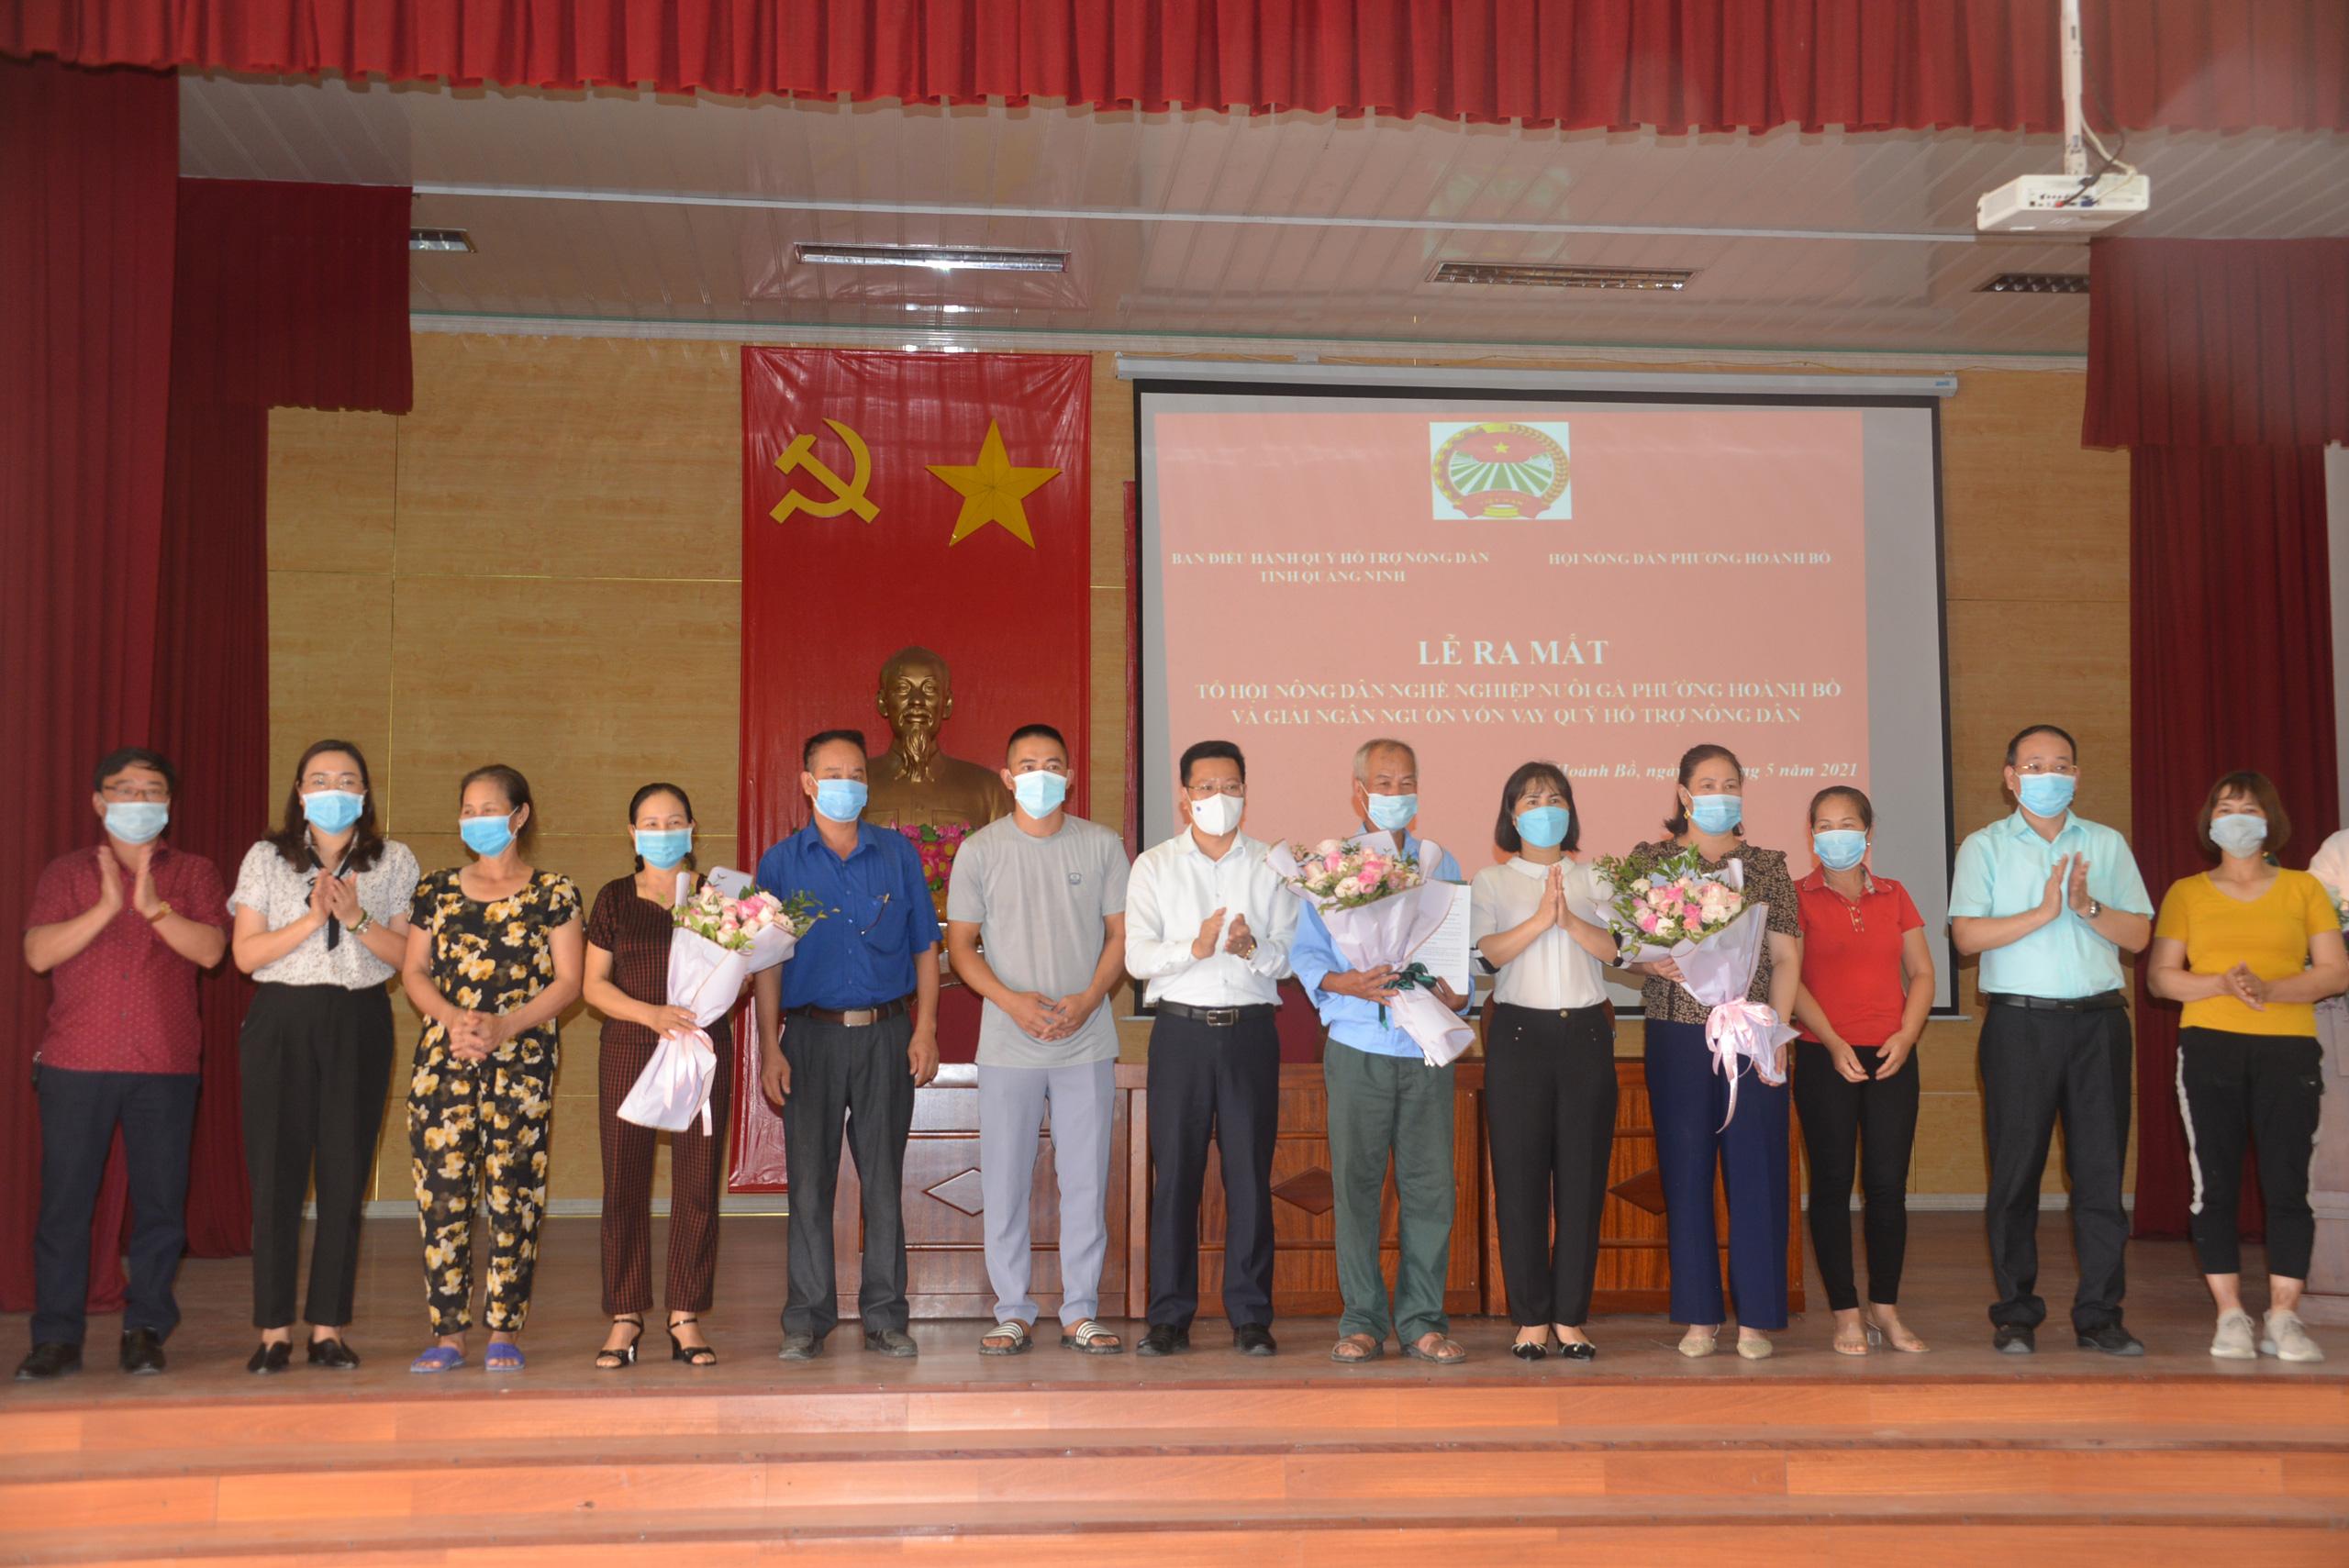 Chuyện bầu cử ở Quảng Ninh: Khi tiếng nói của người nông dân ngày càng mạnh mẽ - Ảnh 5.